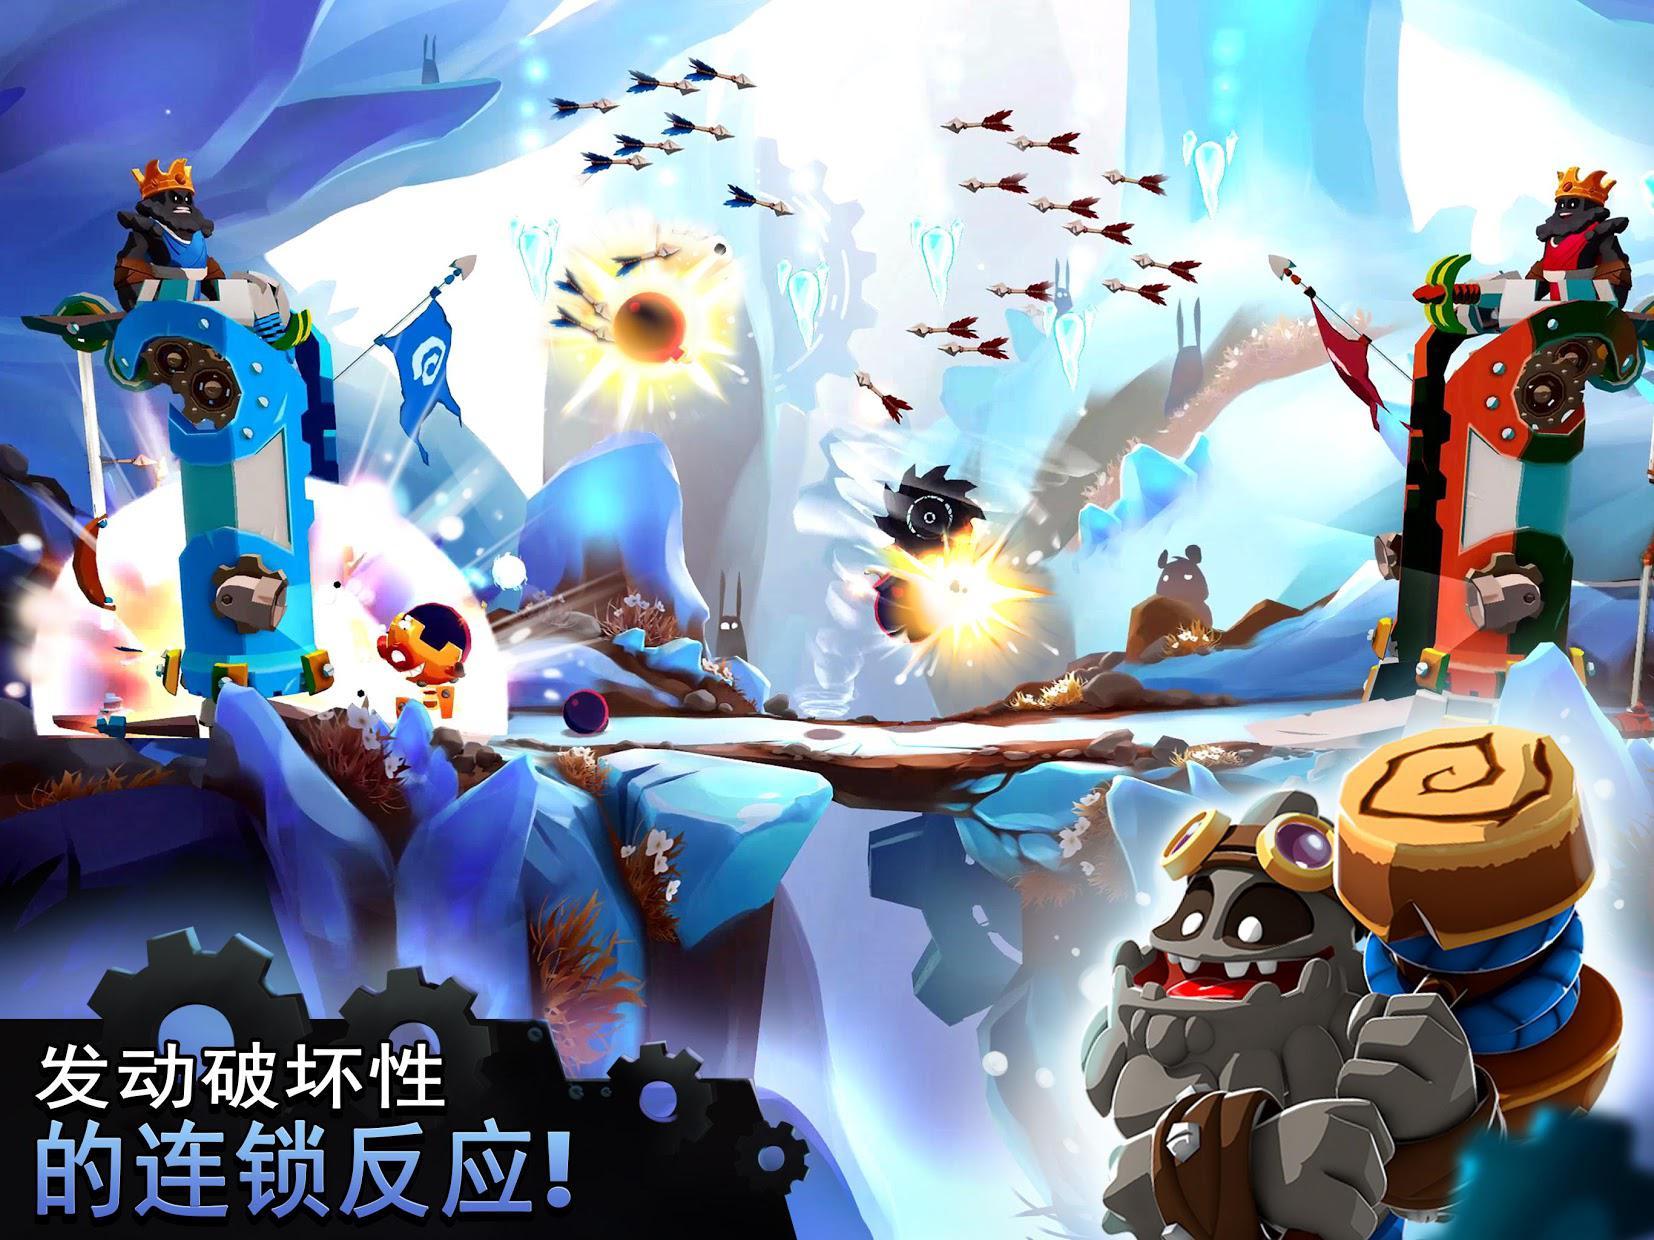 迷失之地:乱斗 游戏截图2